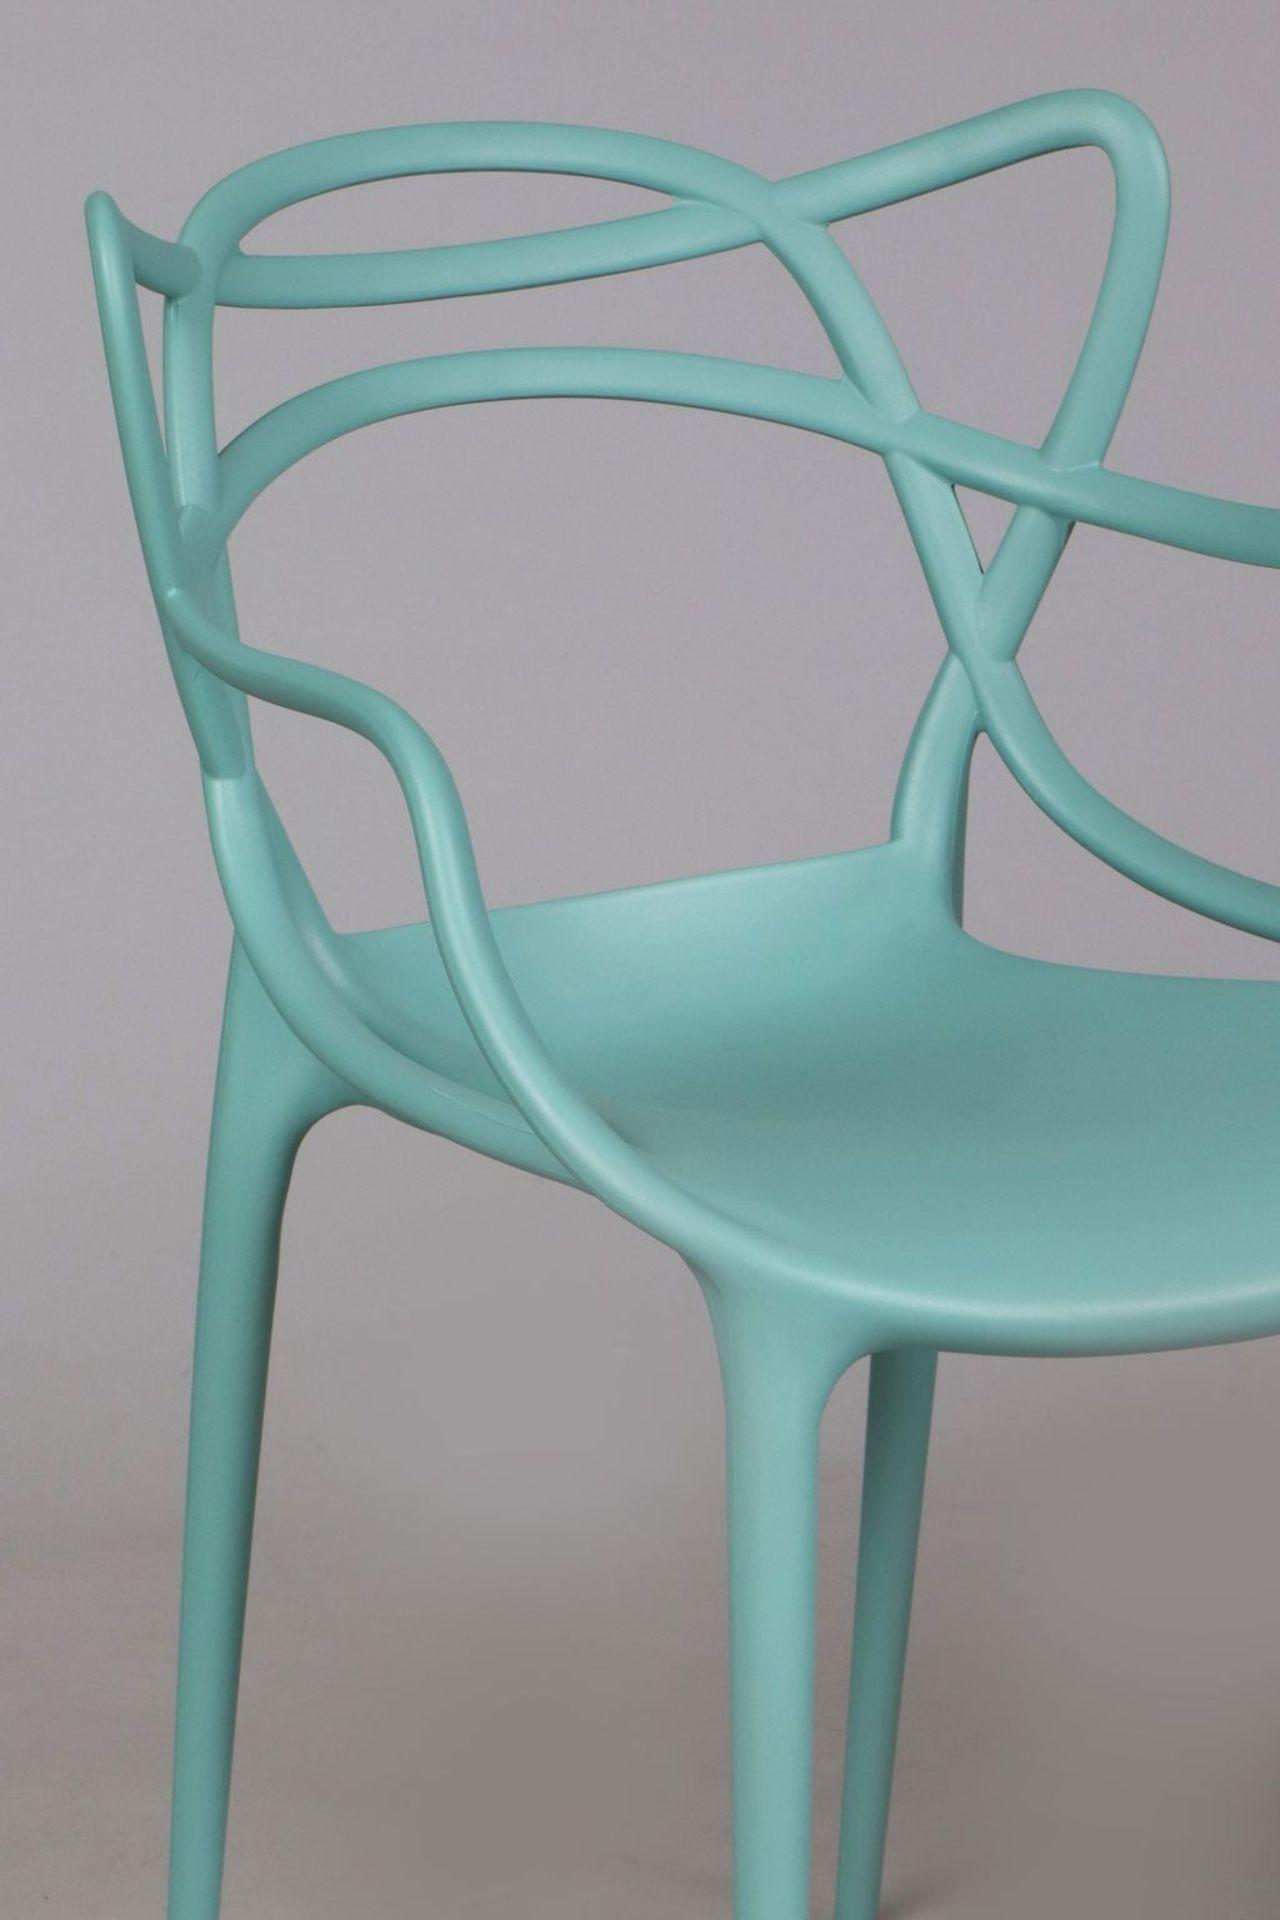 Paar Kunststoff Stühle nach einem Entwurf von Philippe Starck - Image 3 of 4